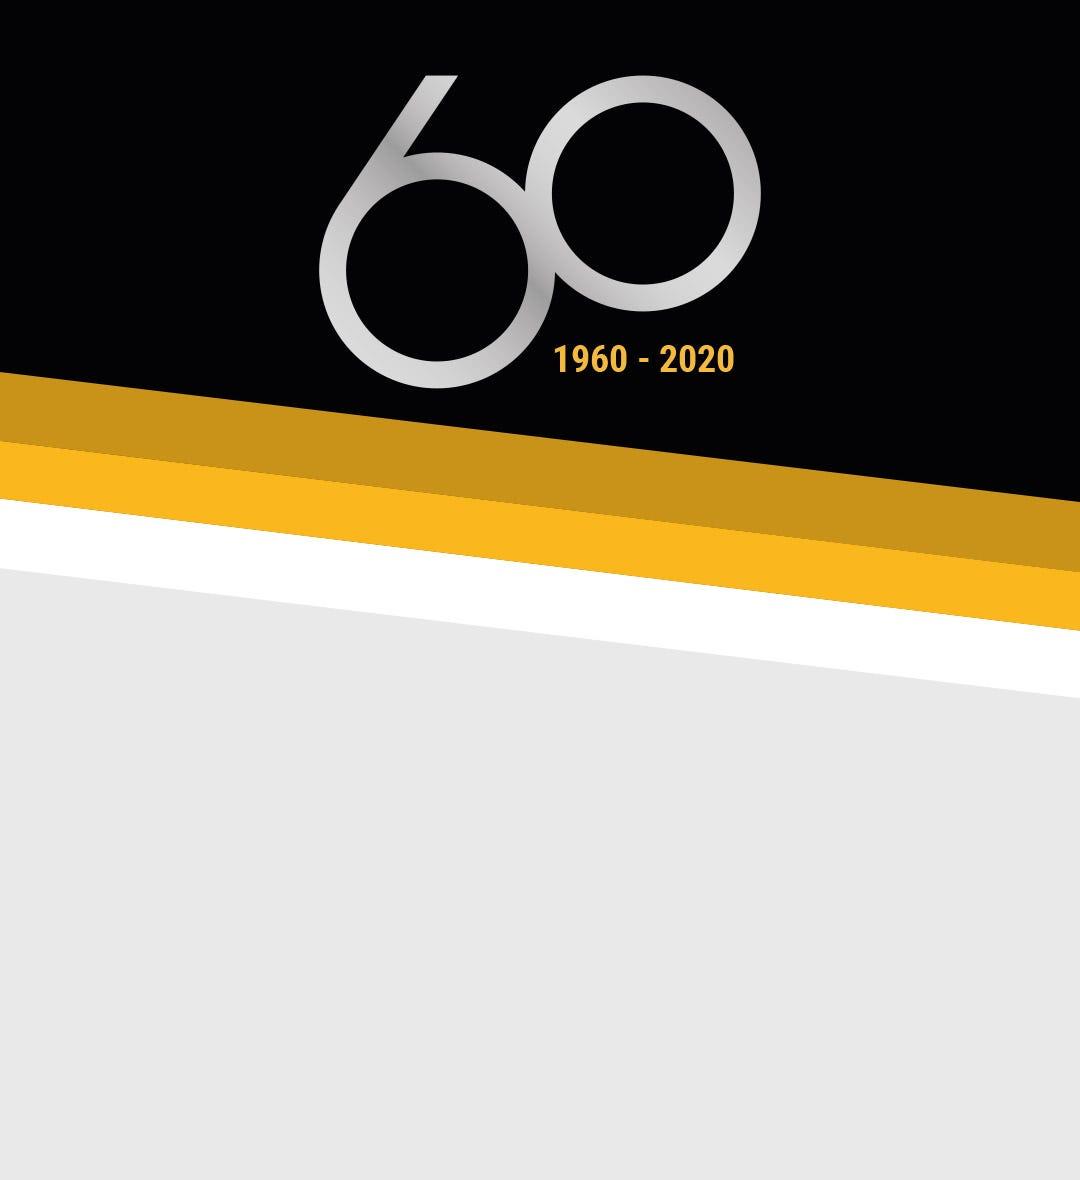 La marque italienne Alpina fête ses 60 ans